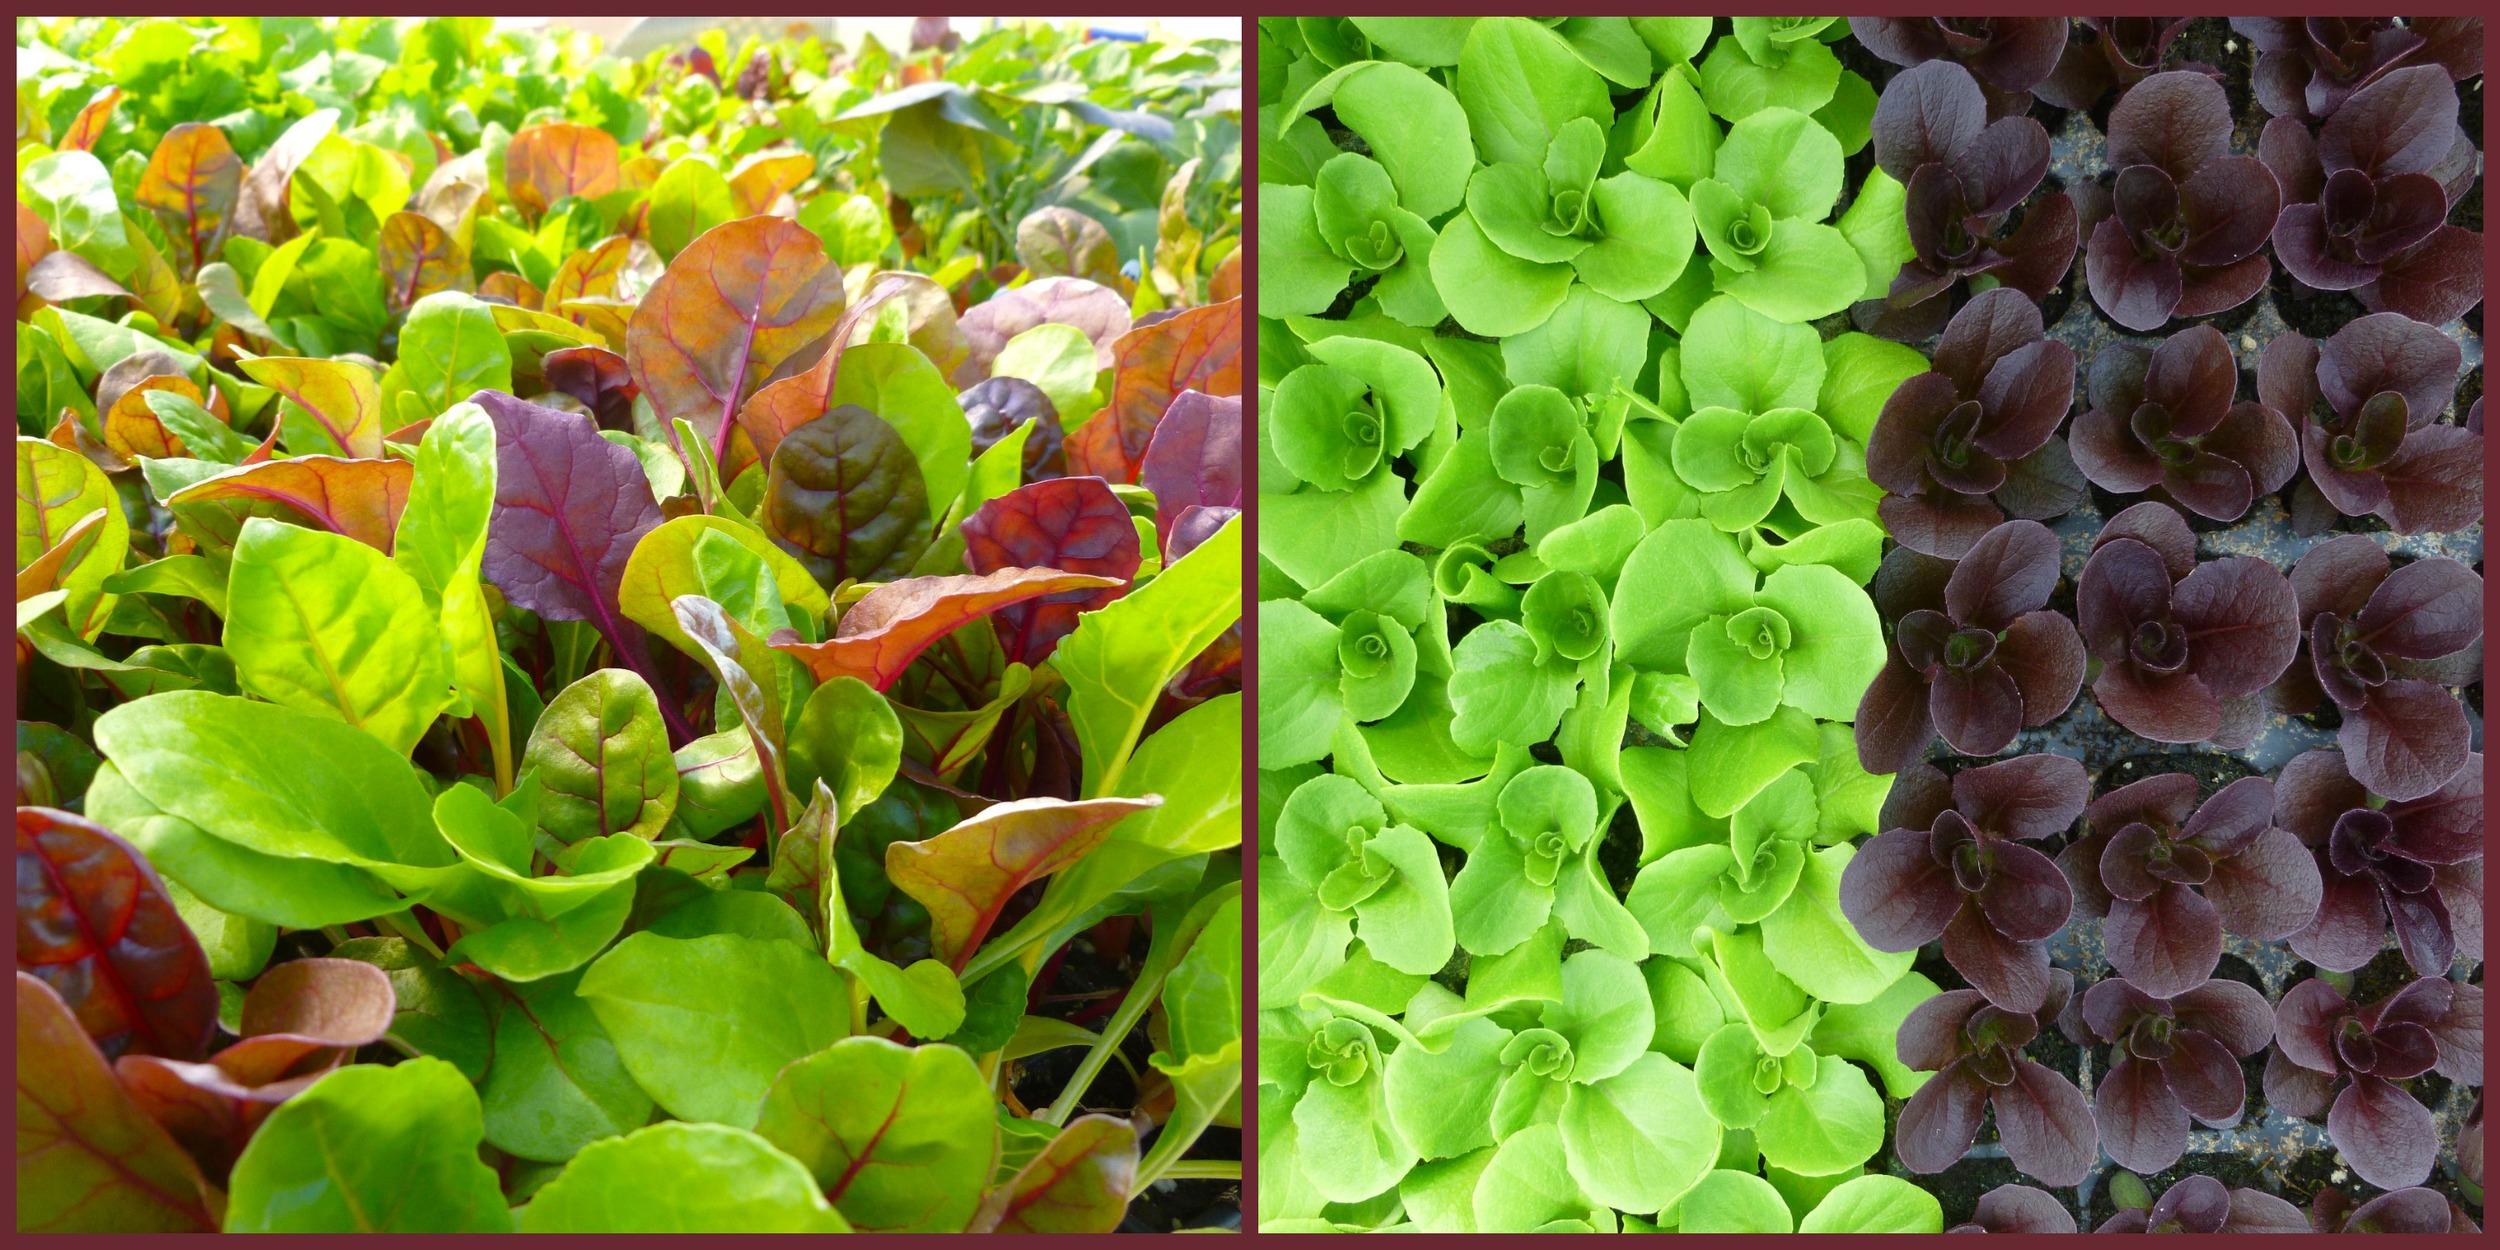 lettuce.jpg.jpg